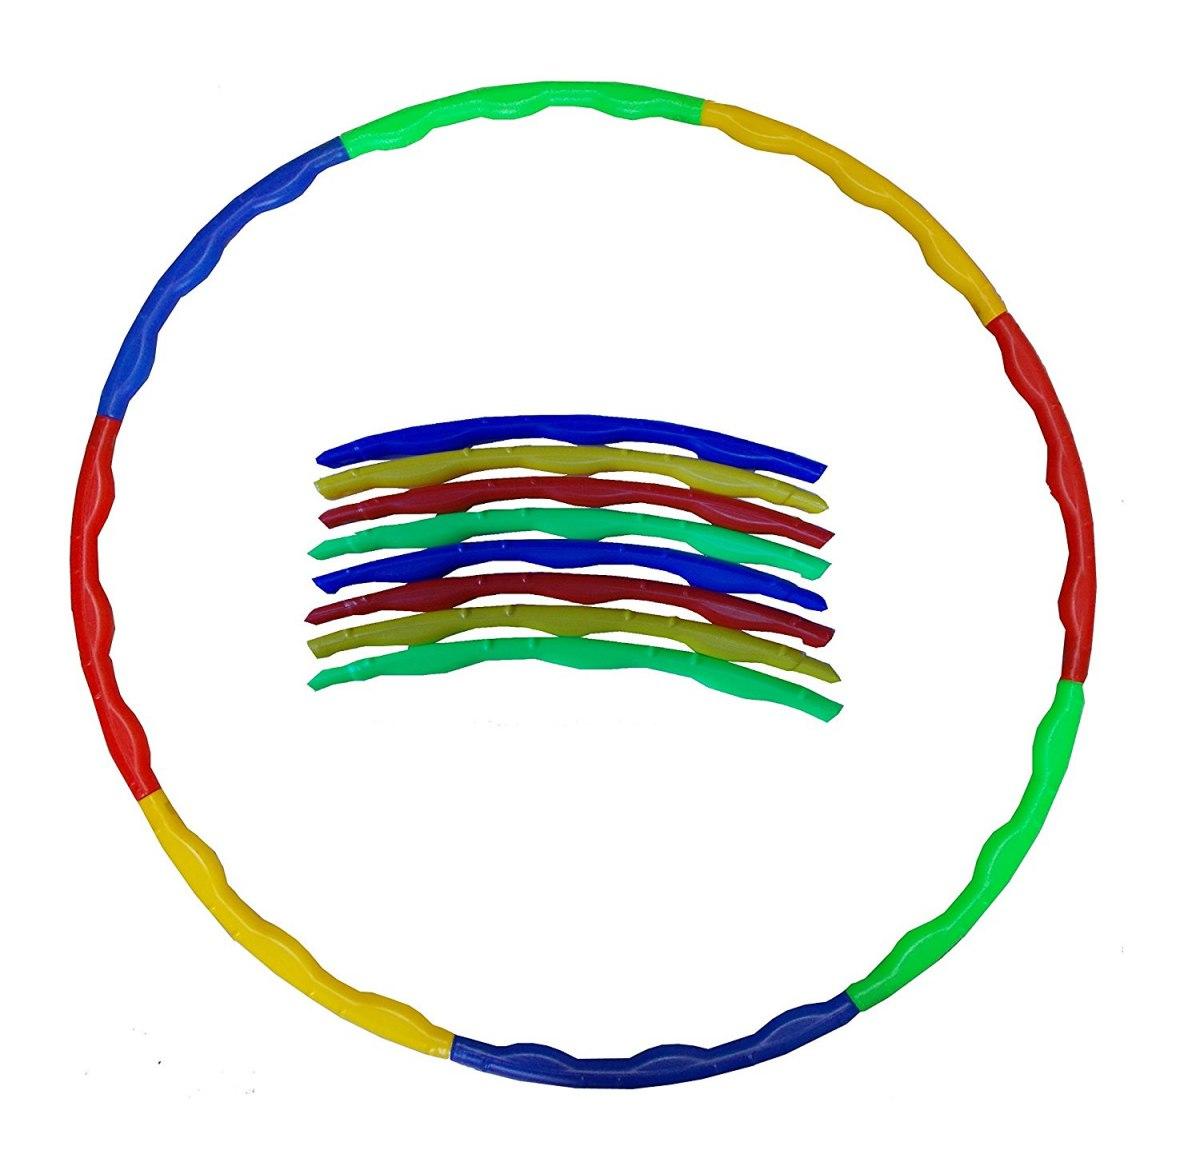 過度使用重型有凸起物的呼拉圈要小心